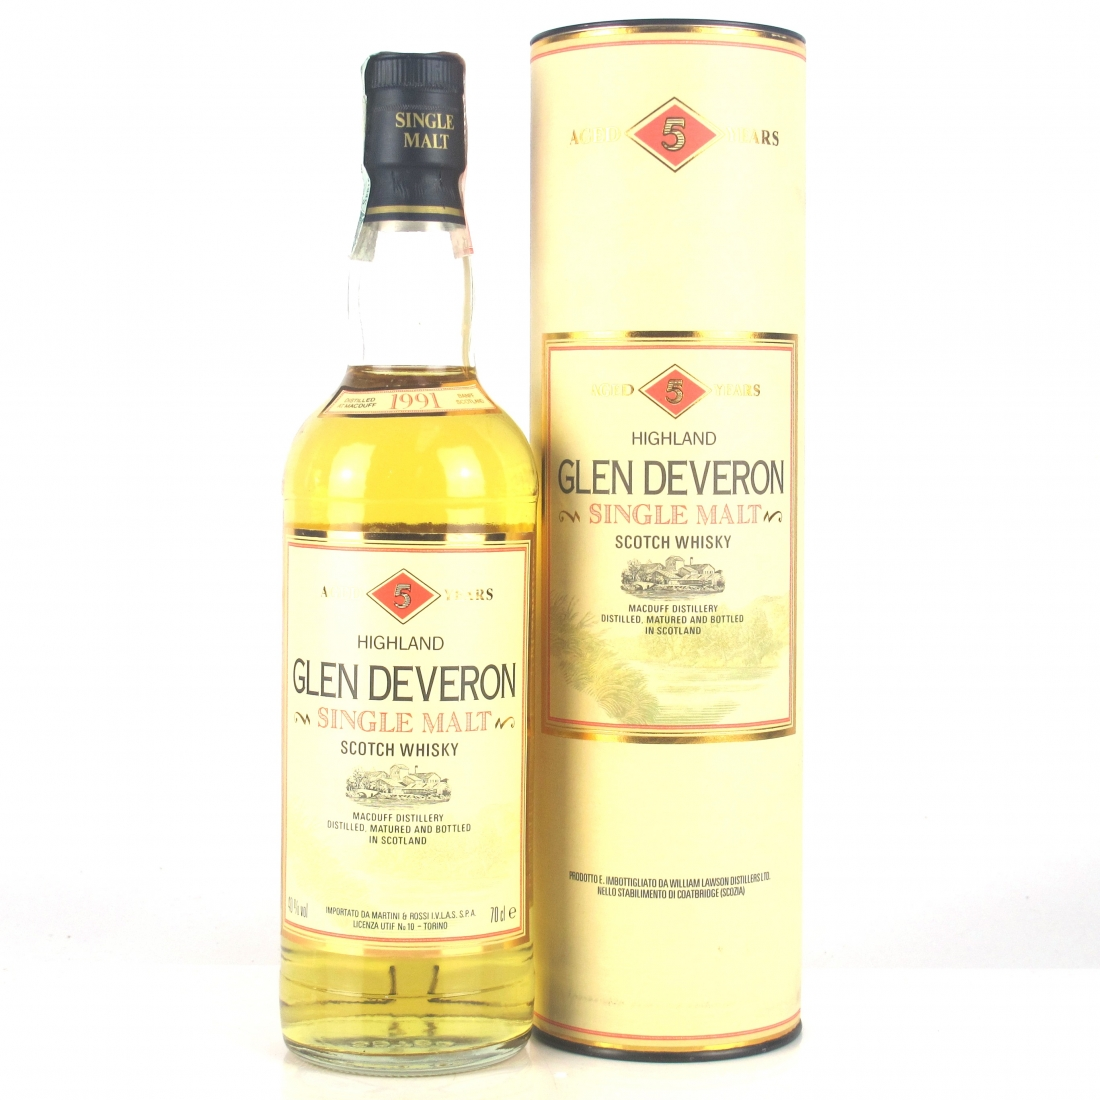 Glen Deveron 1991 5 Year Old / Macduff